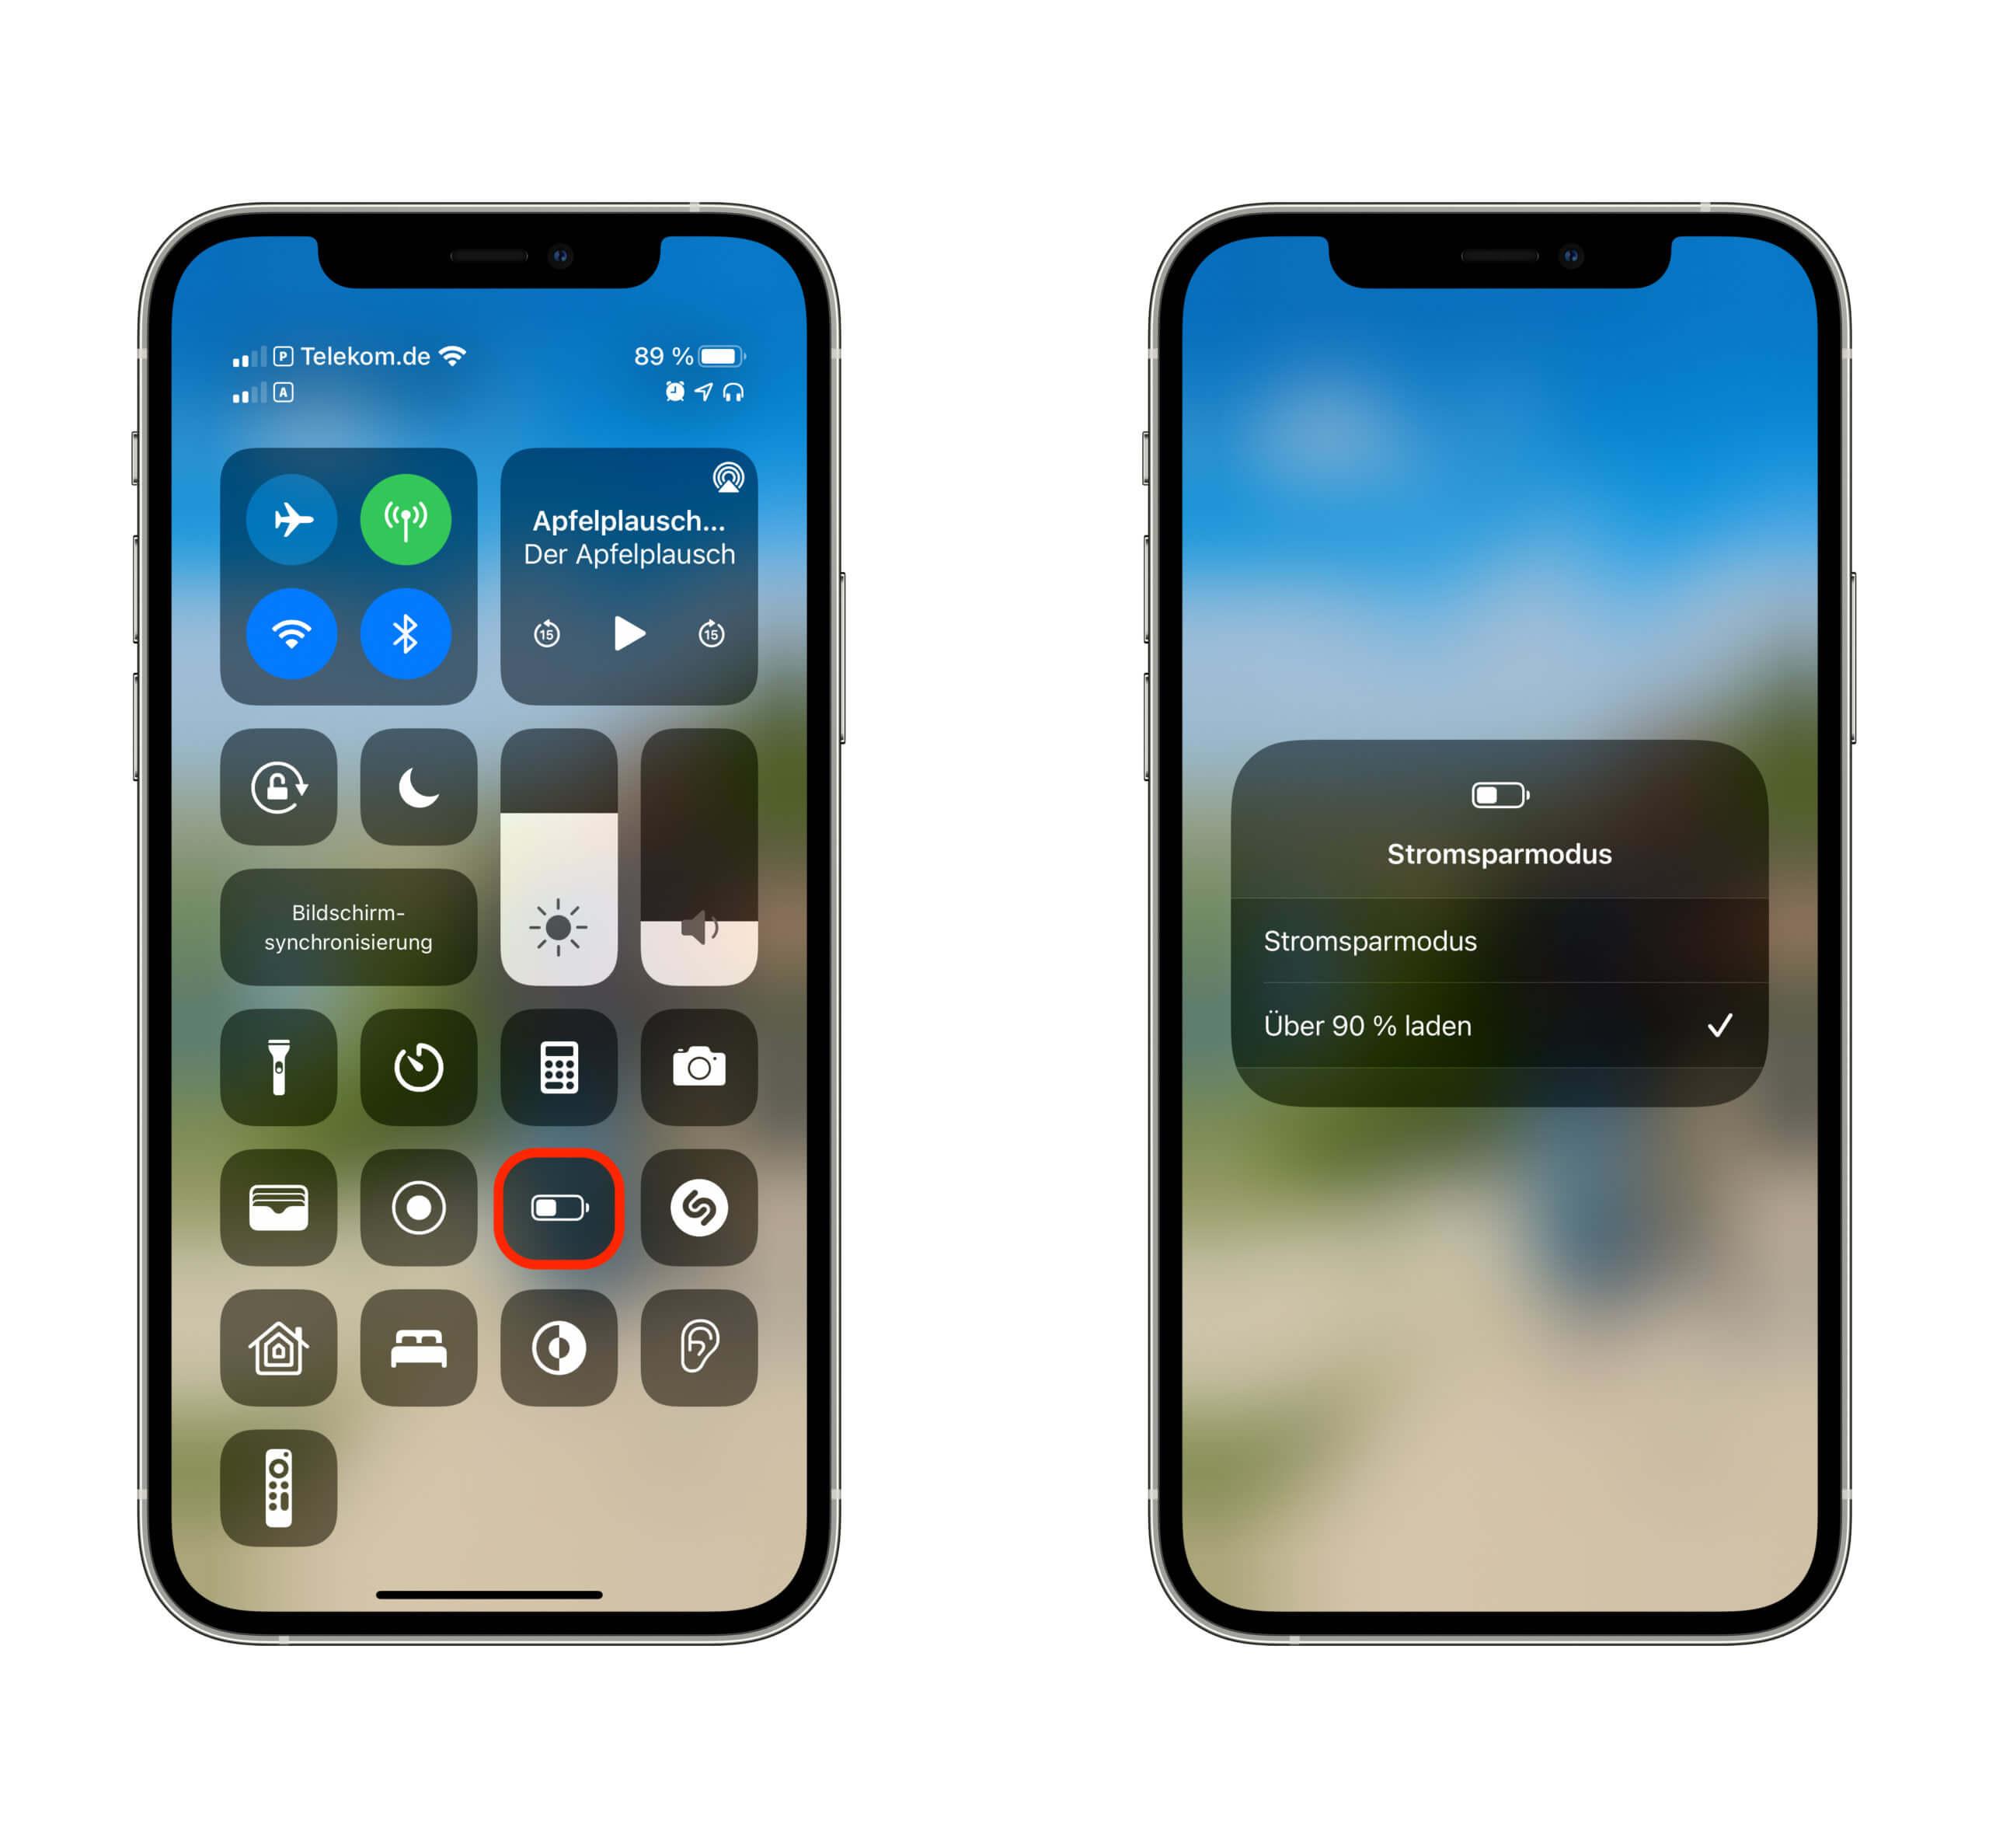 Über das Kontrollzentrum kann man das Vollladen des iPhones erzwingen.